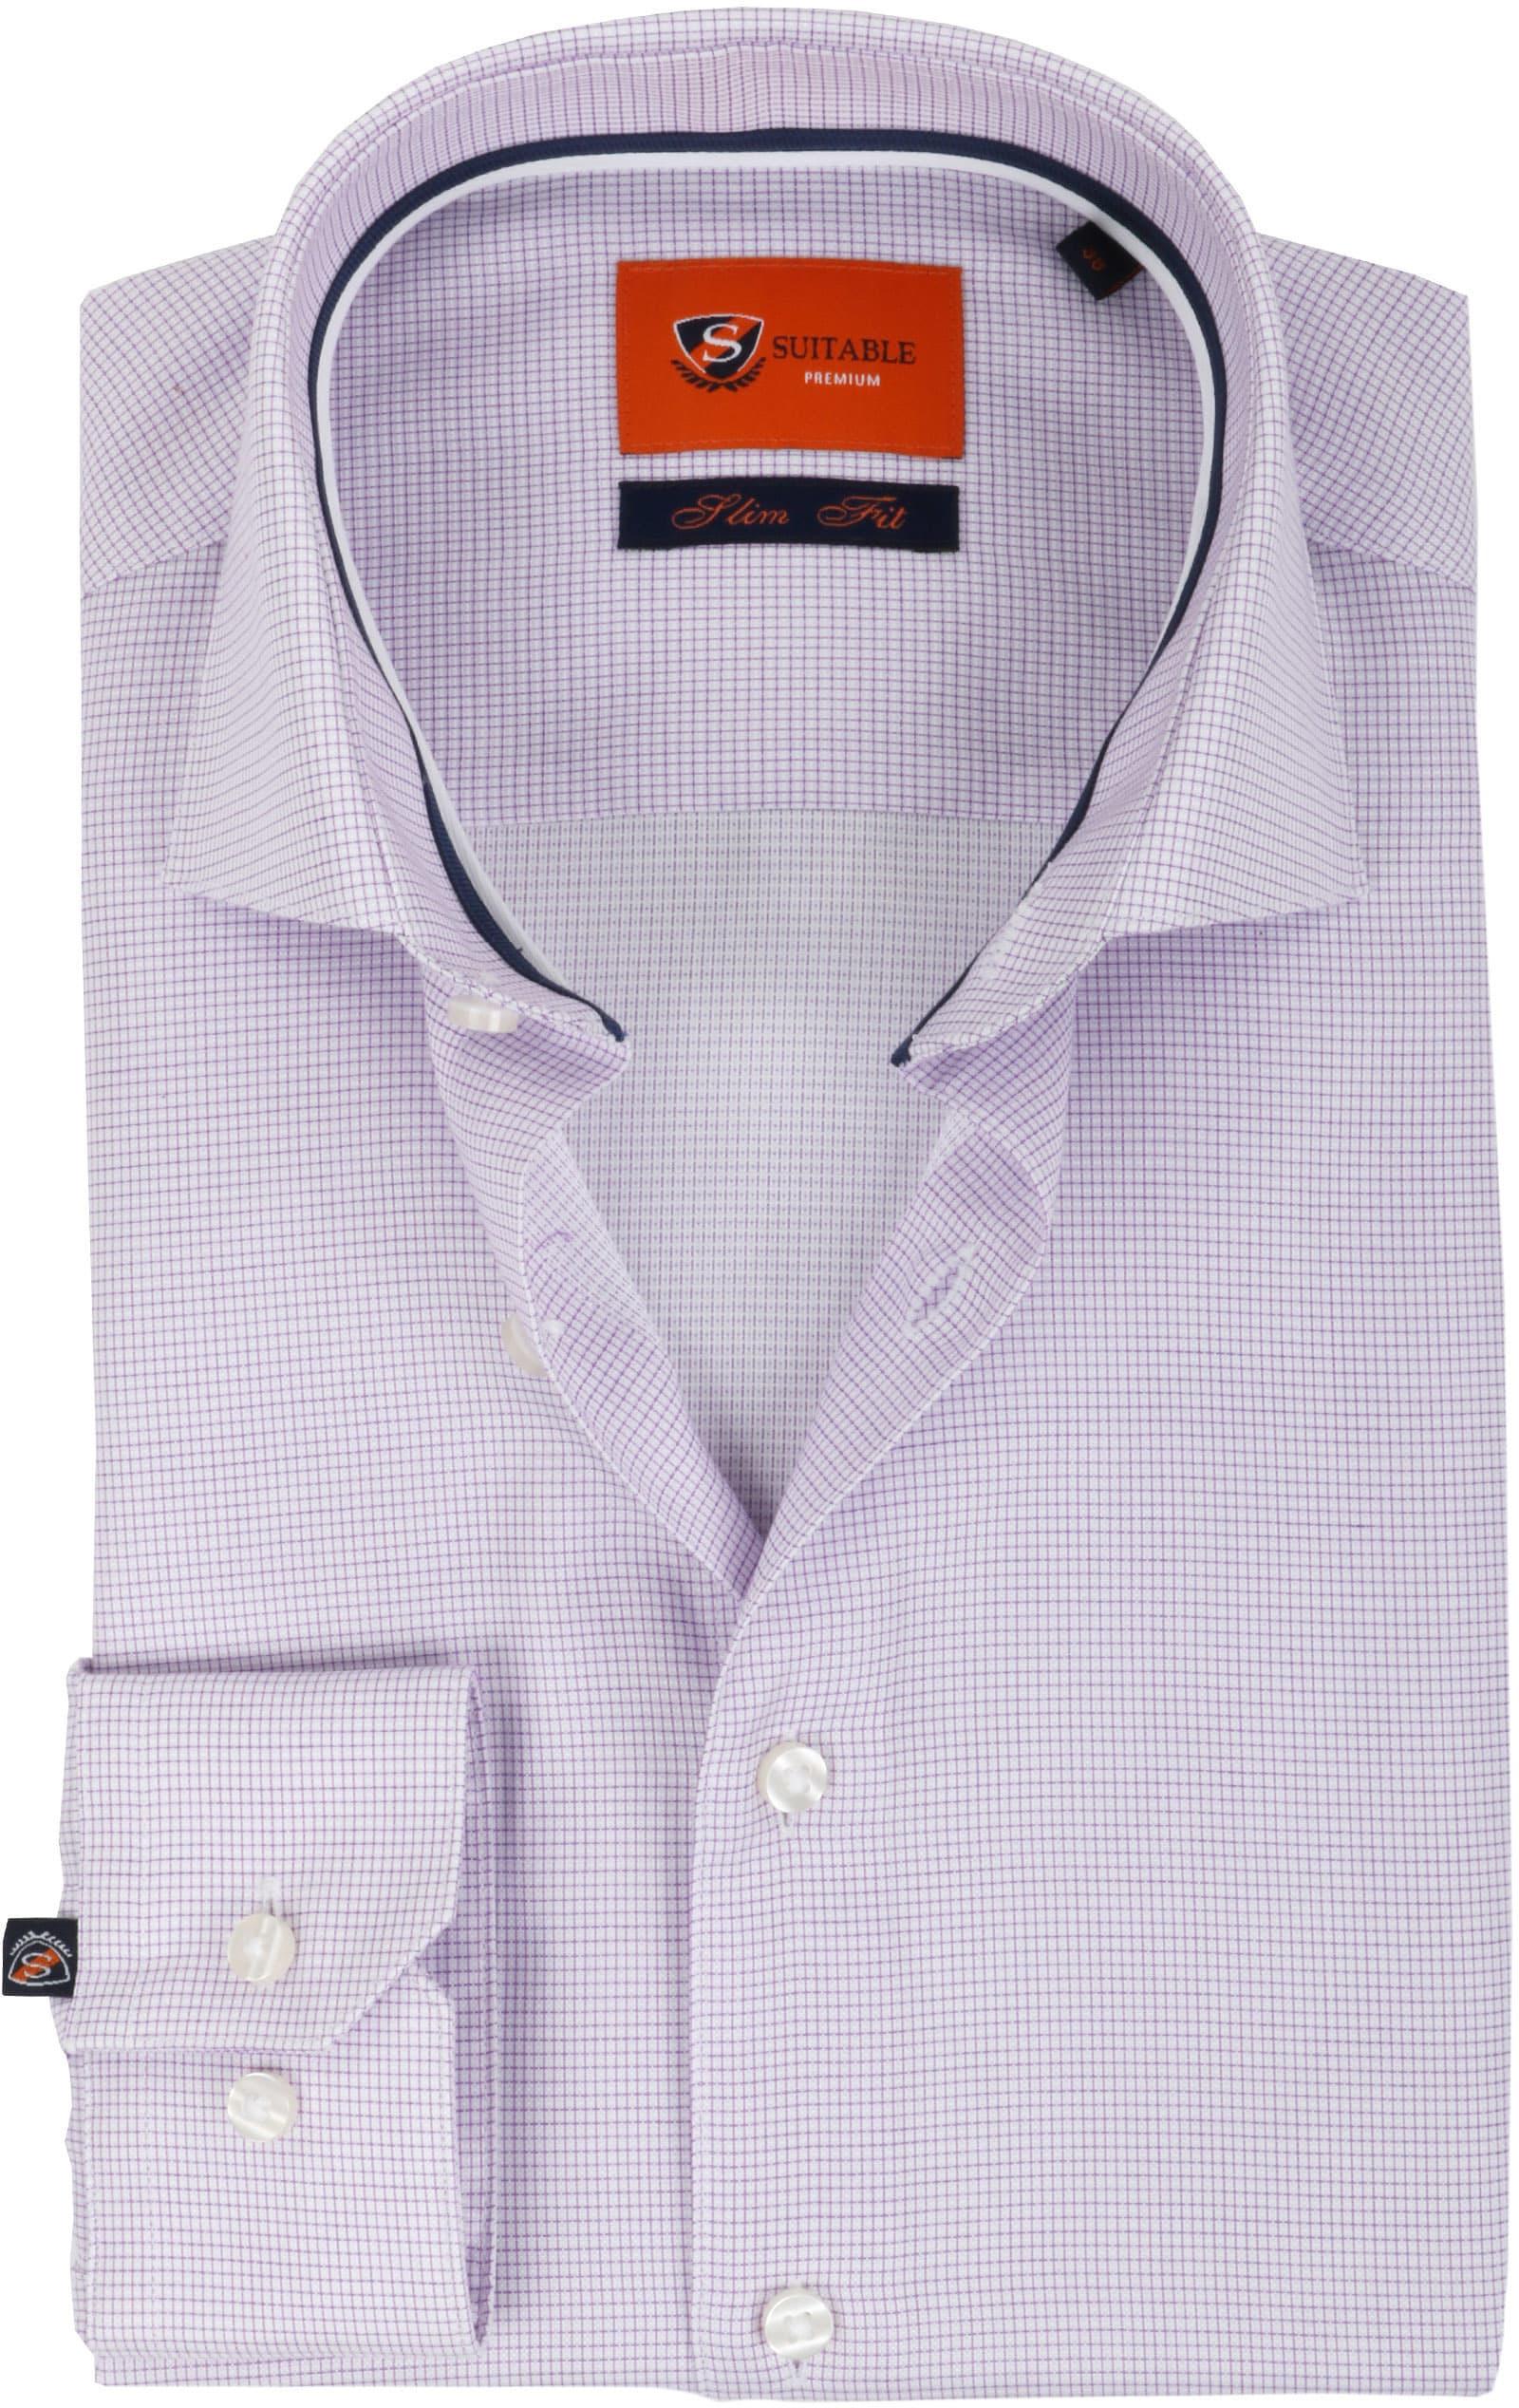 Suitable Overhemd Ruit Paars foto 0